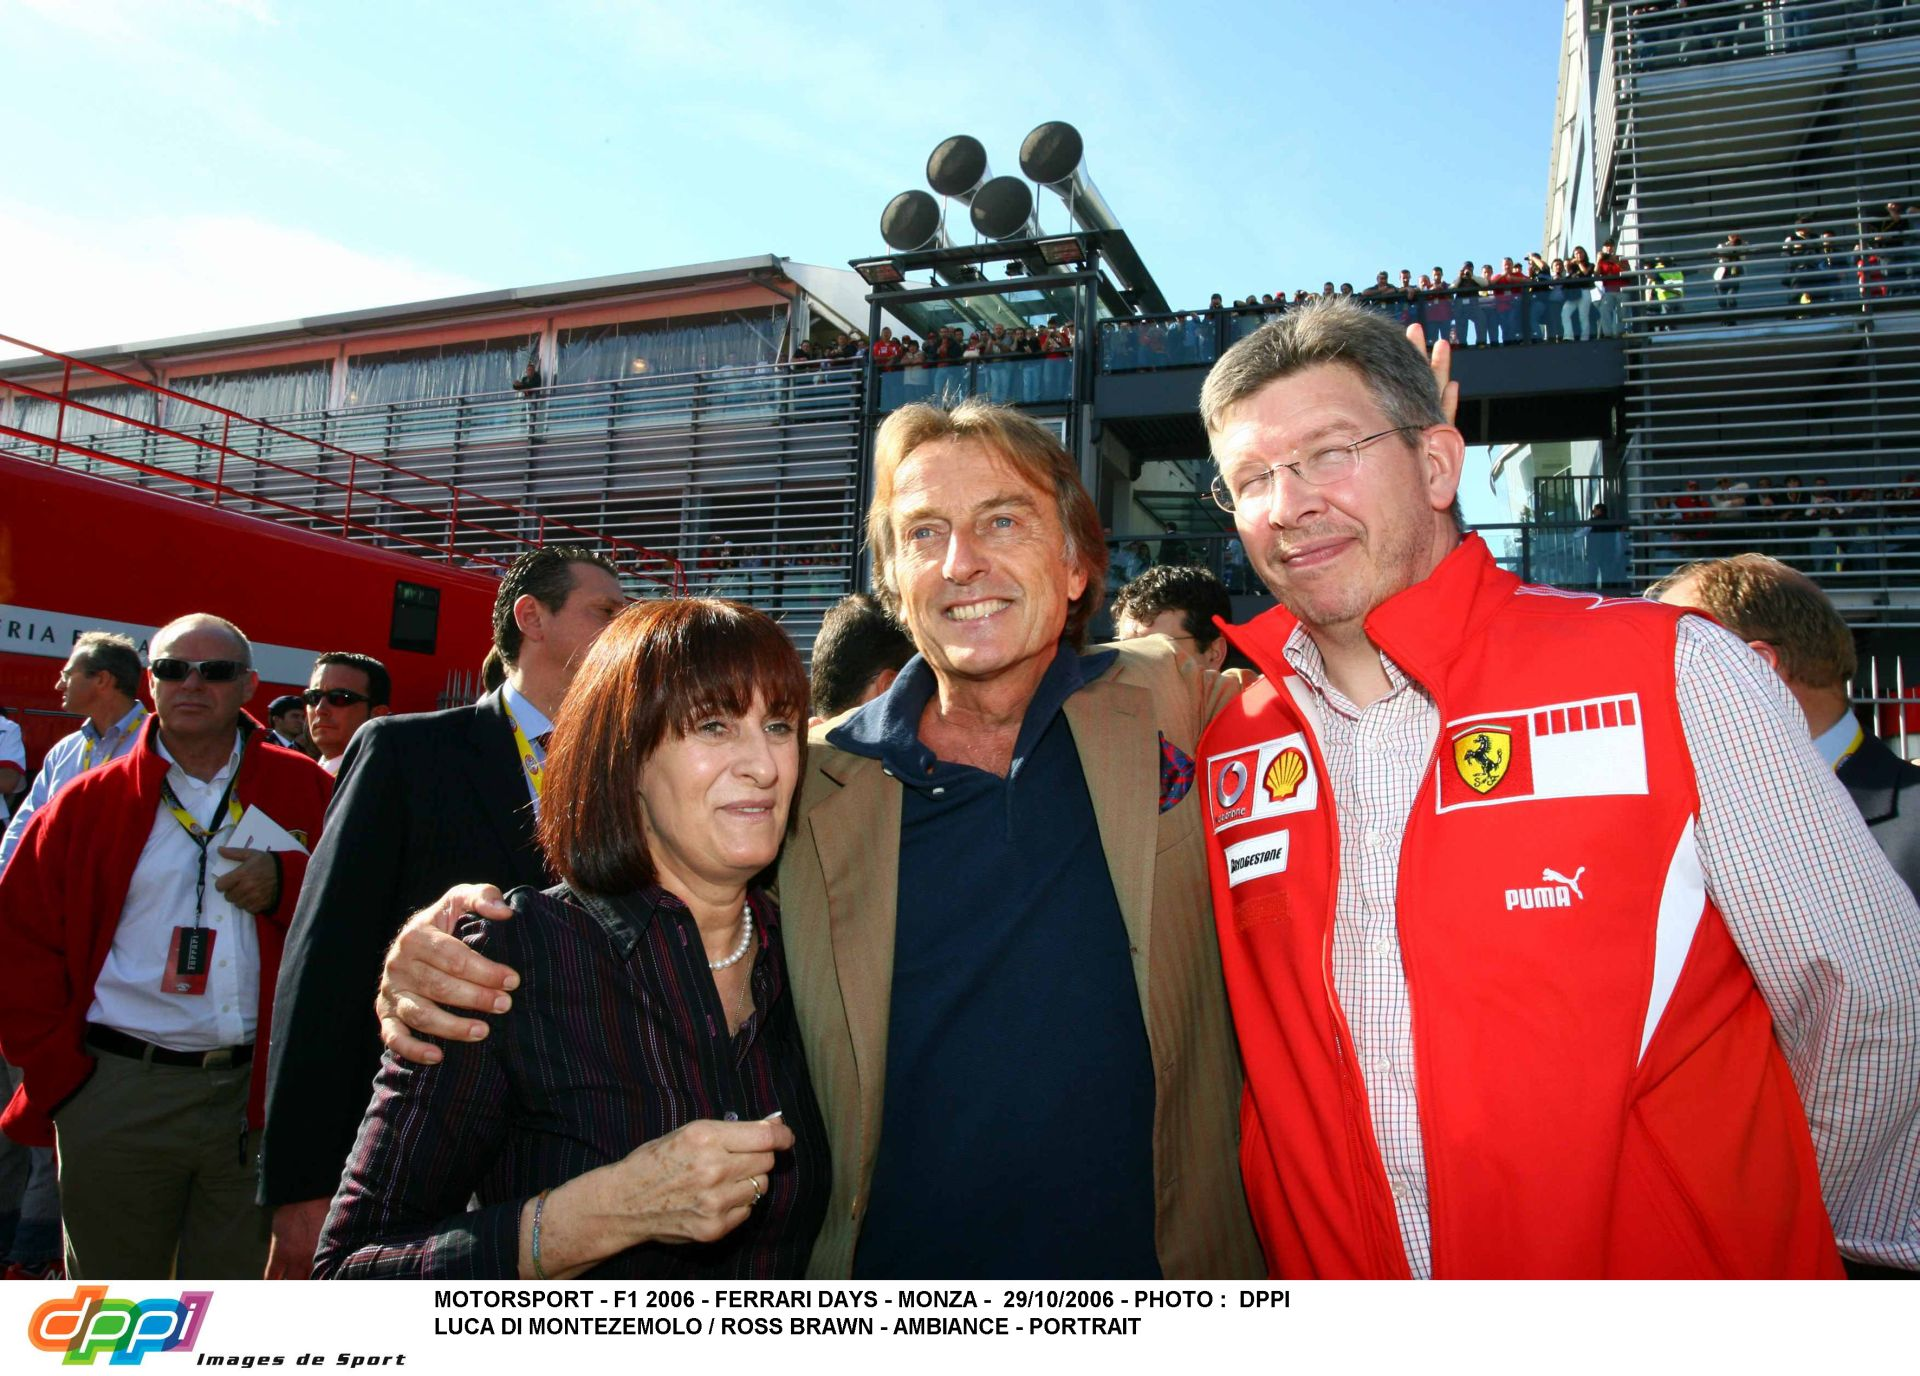 Egy korszak lezárul a Ferrarinál: Montezemolo távozik, Brawn érkezik?